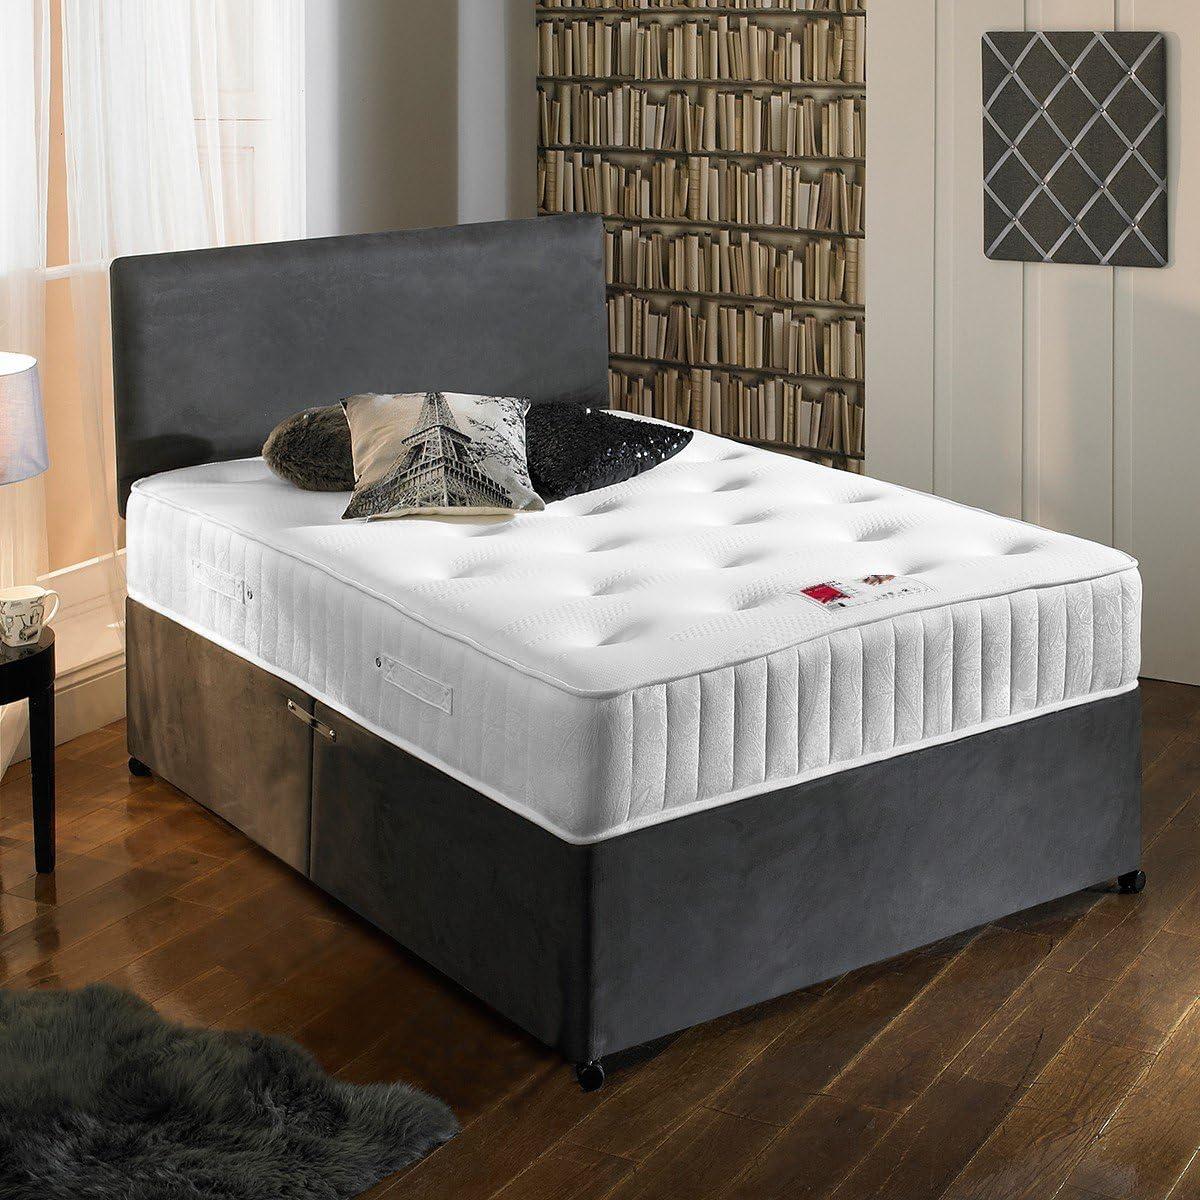 Somier de ante con colchón capitoné ortopédico, color gris carbón, incluye dos cajones y cabecero de regalo, ante, gris, doble pequeña